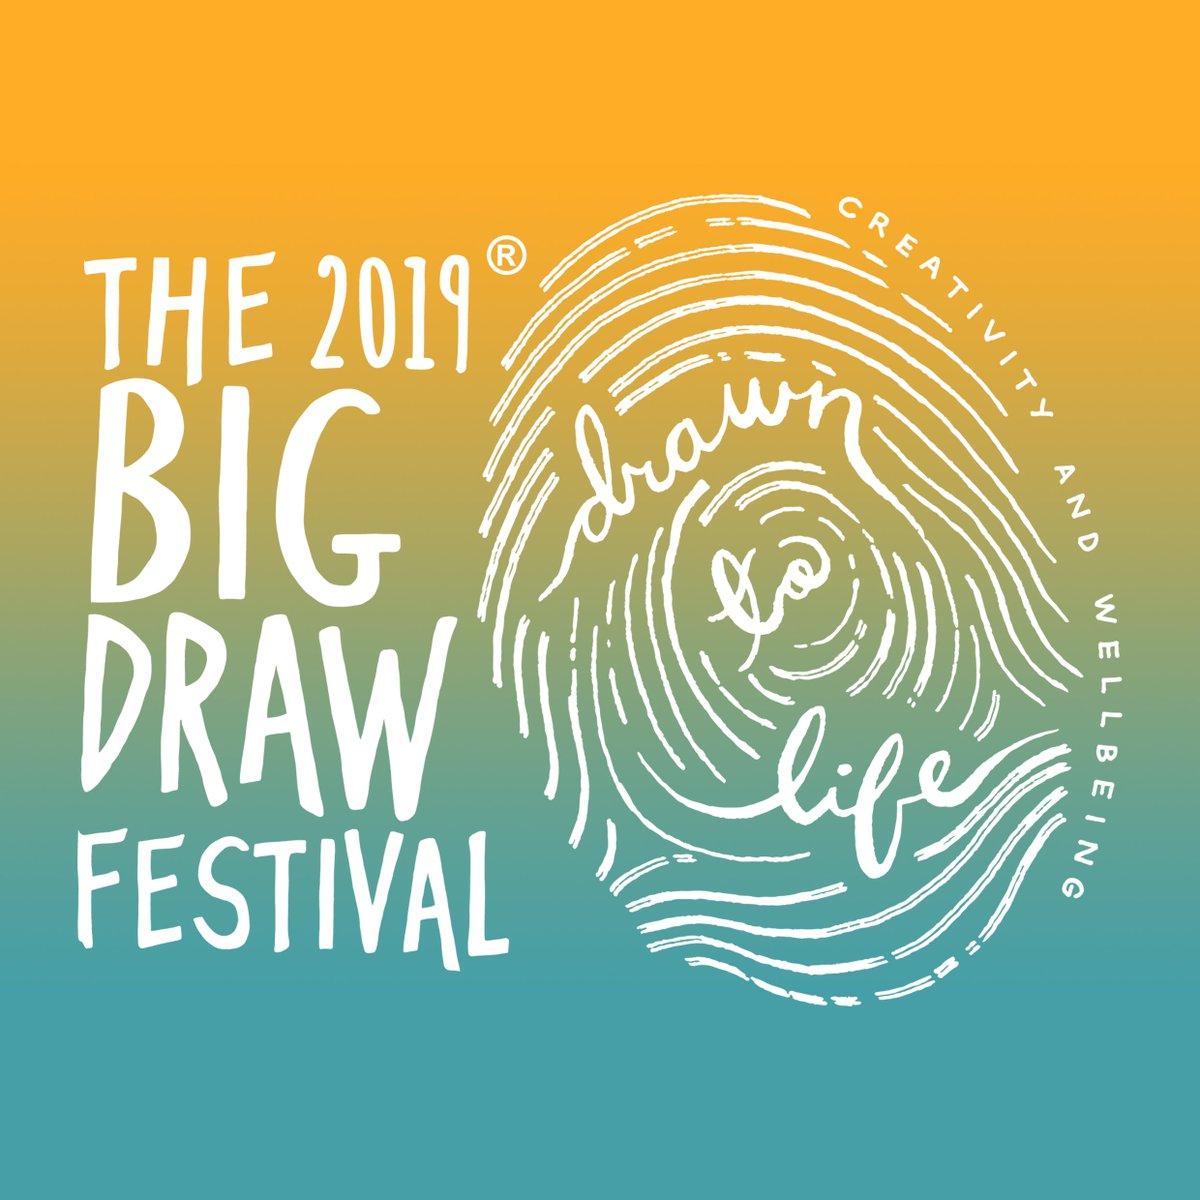 The Big Draw At Quay Arts Quay Arts 27 October